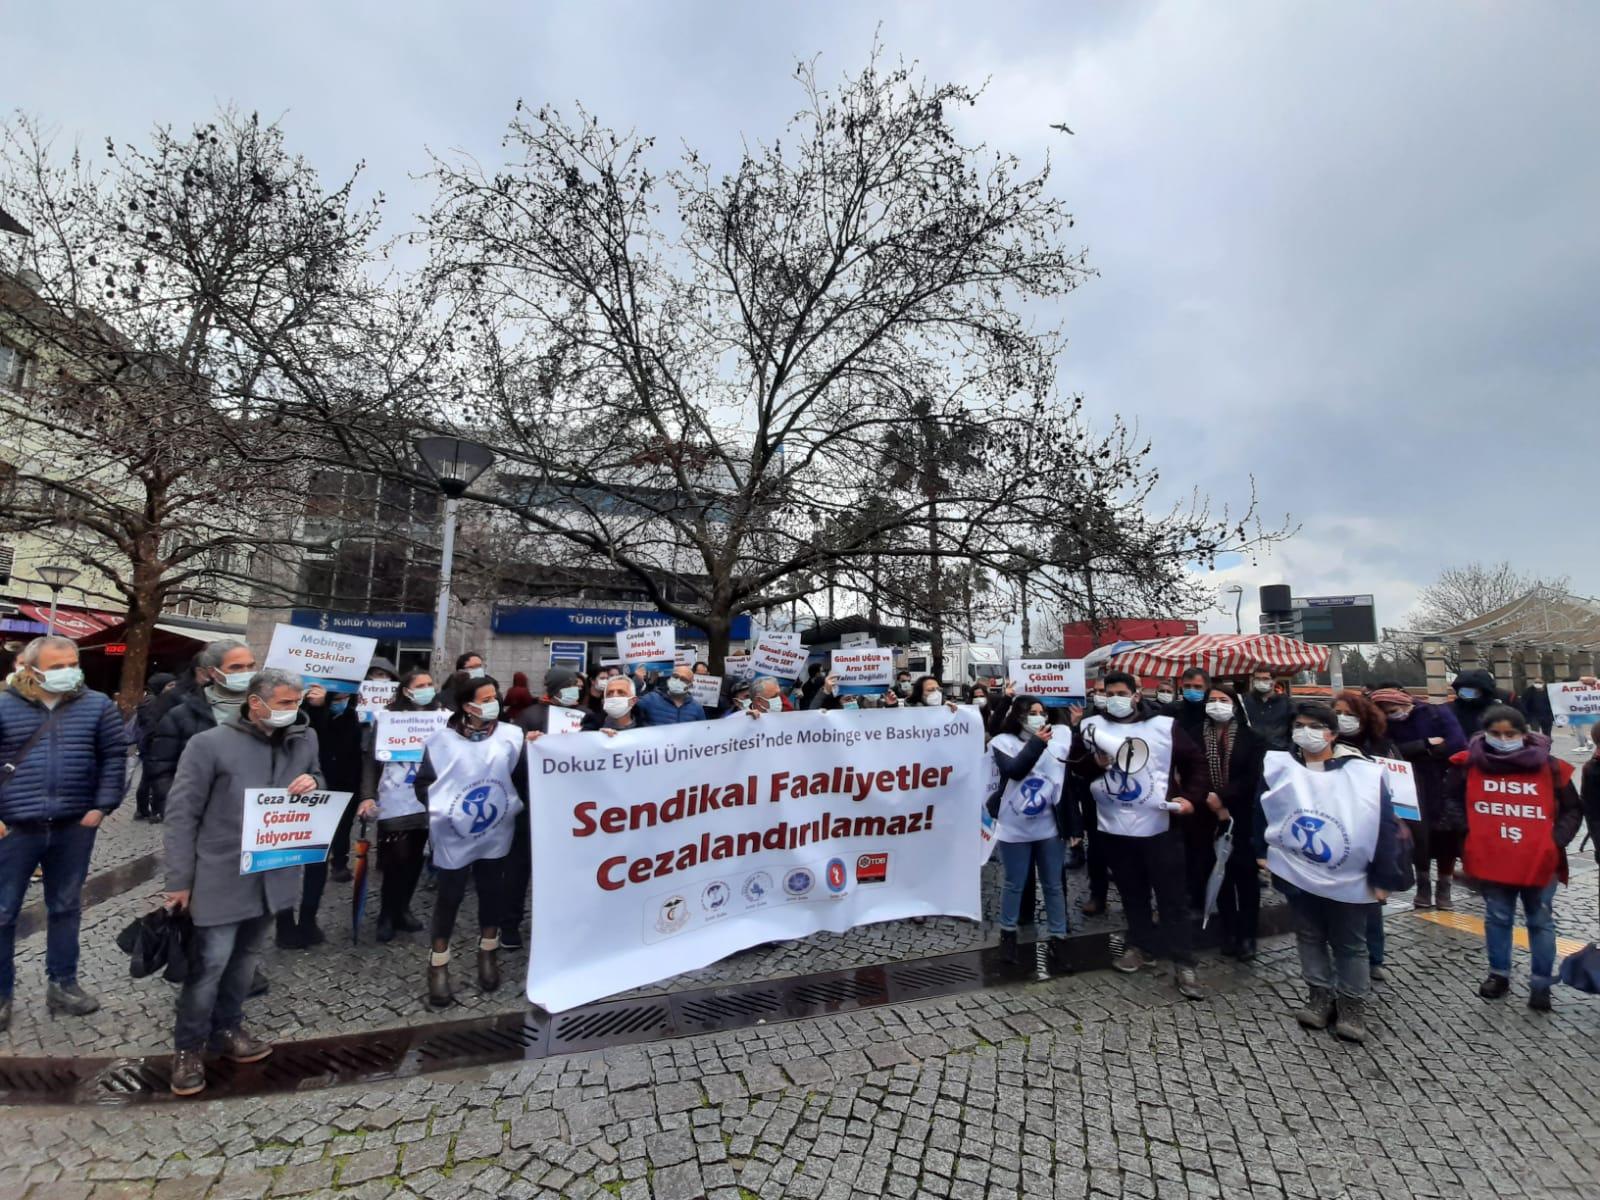 İzmir'de Açığa Alınan Üyelerimiz İçin Açıklama Yapan Sağlık Emek ve Meslek Örgütleri: Sendikal Faaliyetler Cezalandırılamaz